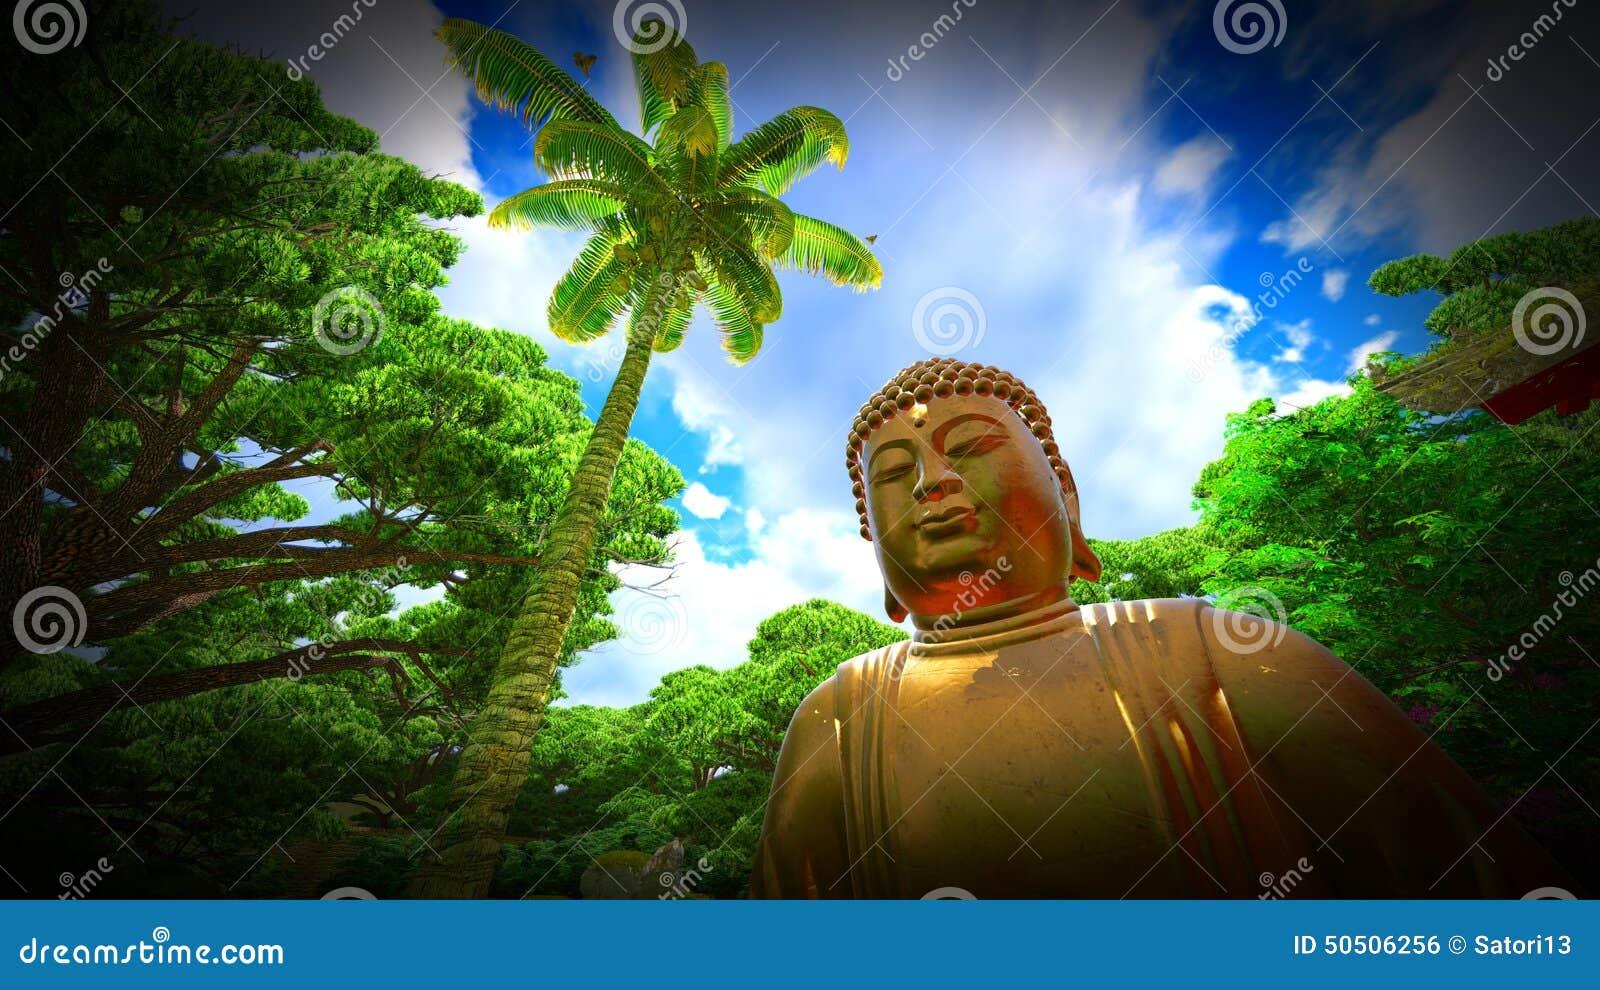 Statue de bouddha dans le jardin japonais illustration for Bouddha dans un jardin